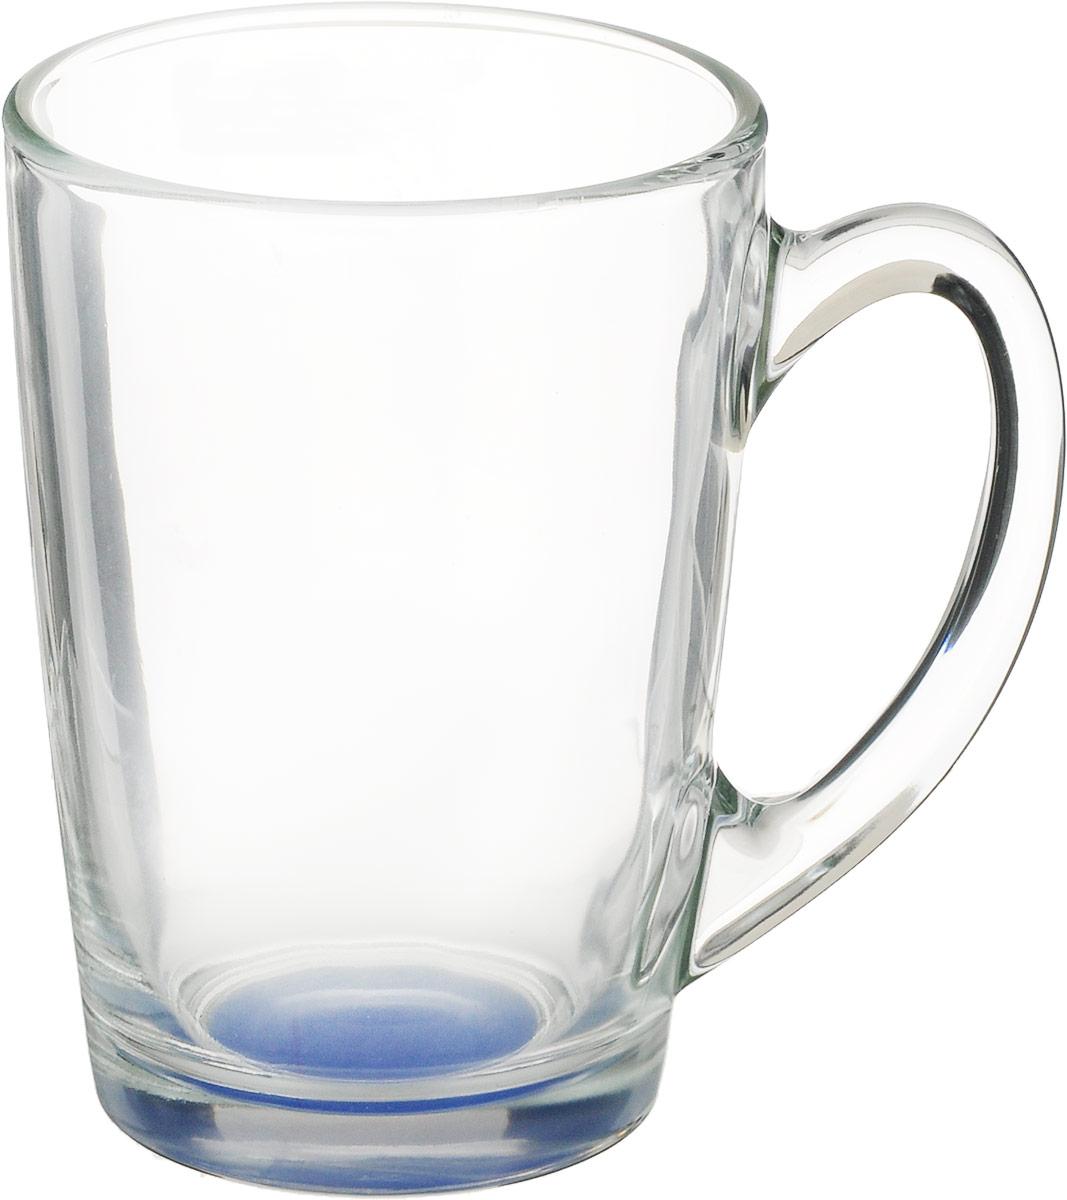 """Кружка Luminarc """"Morning Rainbow"""" изготовлена из упрочненного стекла. Такая кружка прекрасно подойдет для горячих и холодных напитков. Она дополнит коллекцию вашей кухонной посуды и будет служить долгие годы. Диаметр кружки (по верхнему краю): 8 см. Высота стенки кружки: 11 см."""